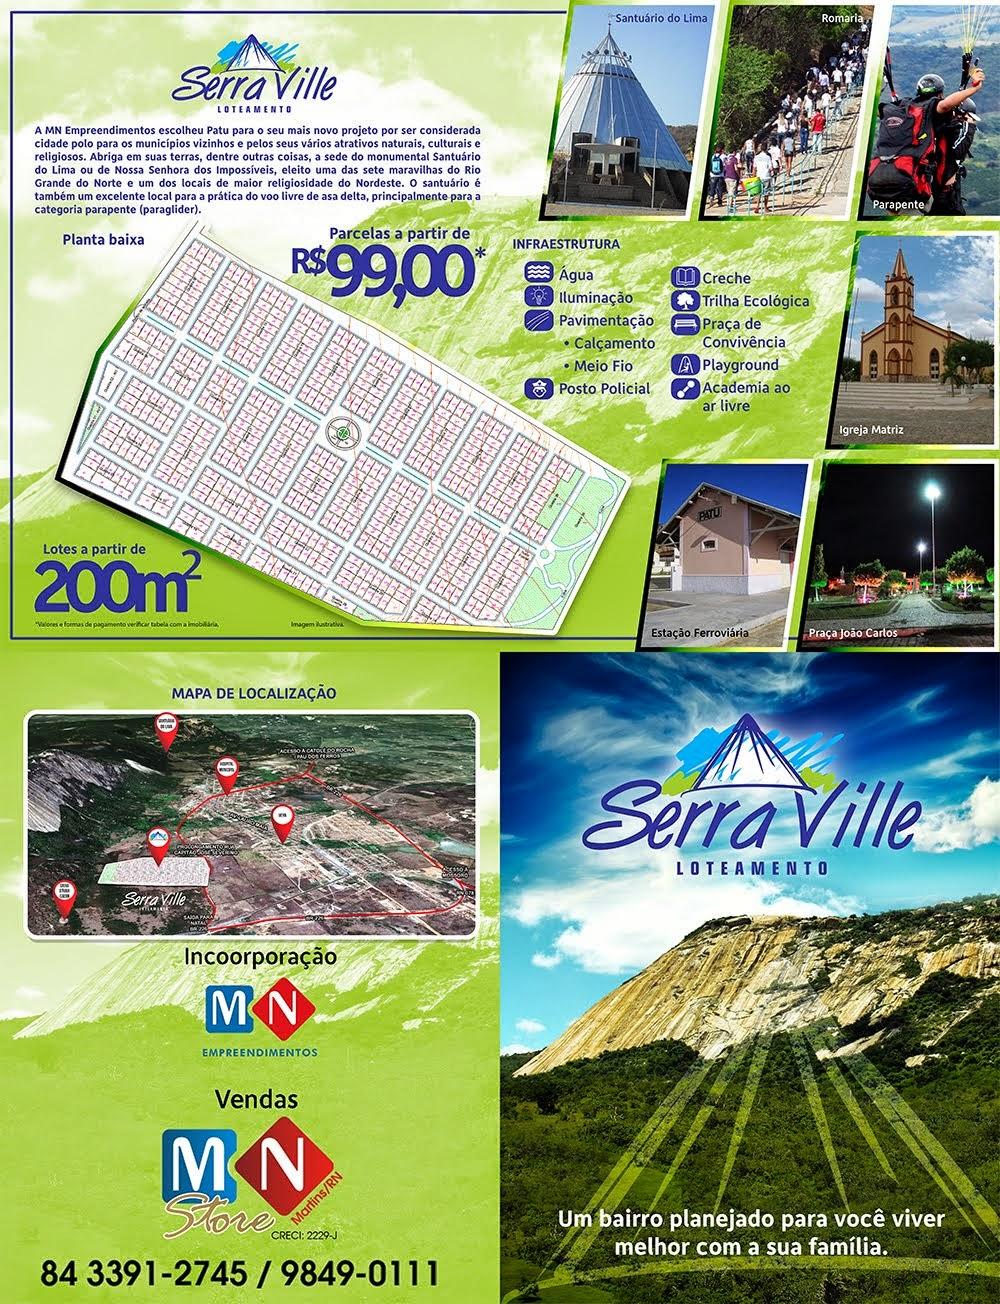 SERRA VILLE - LOTEAMENTO